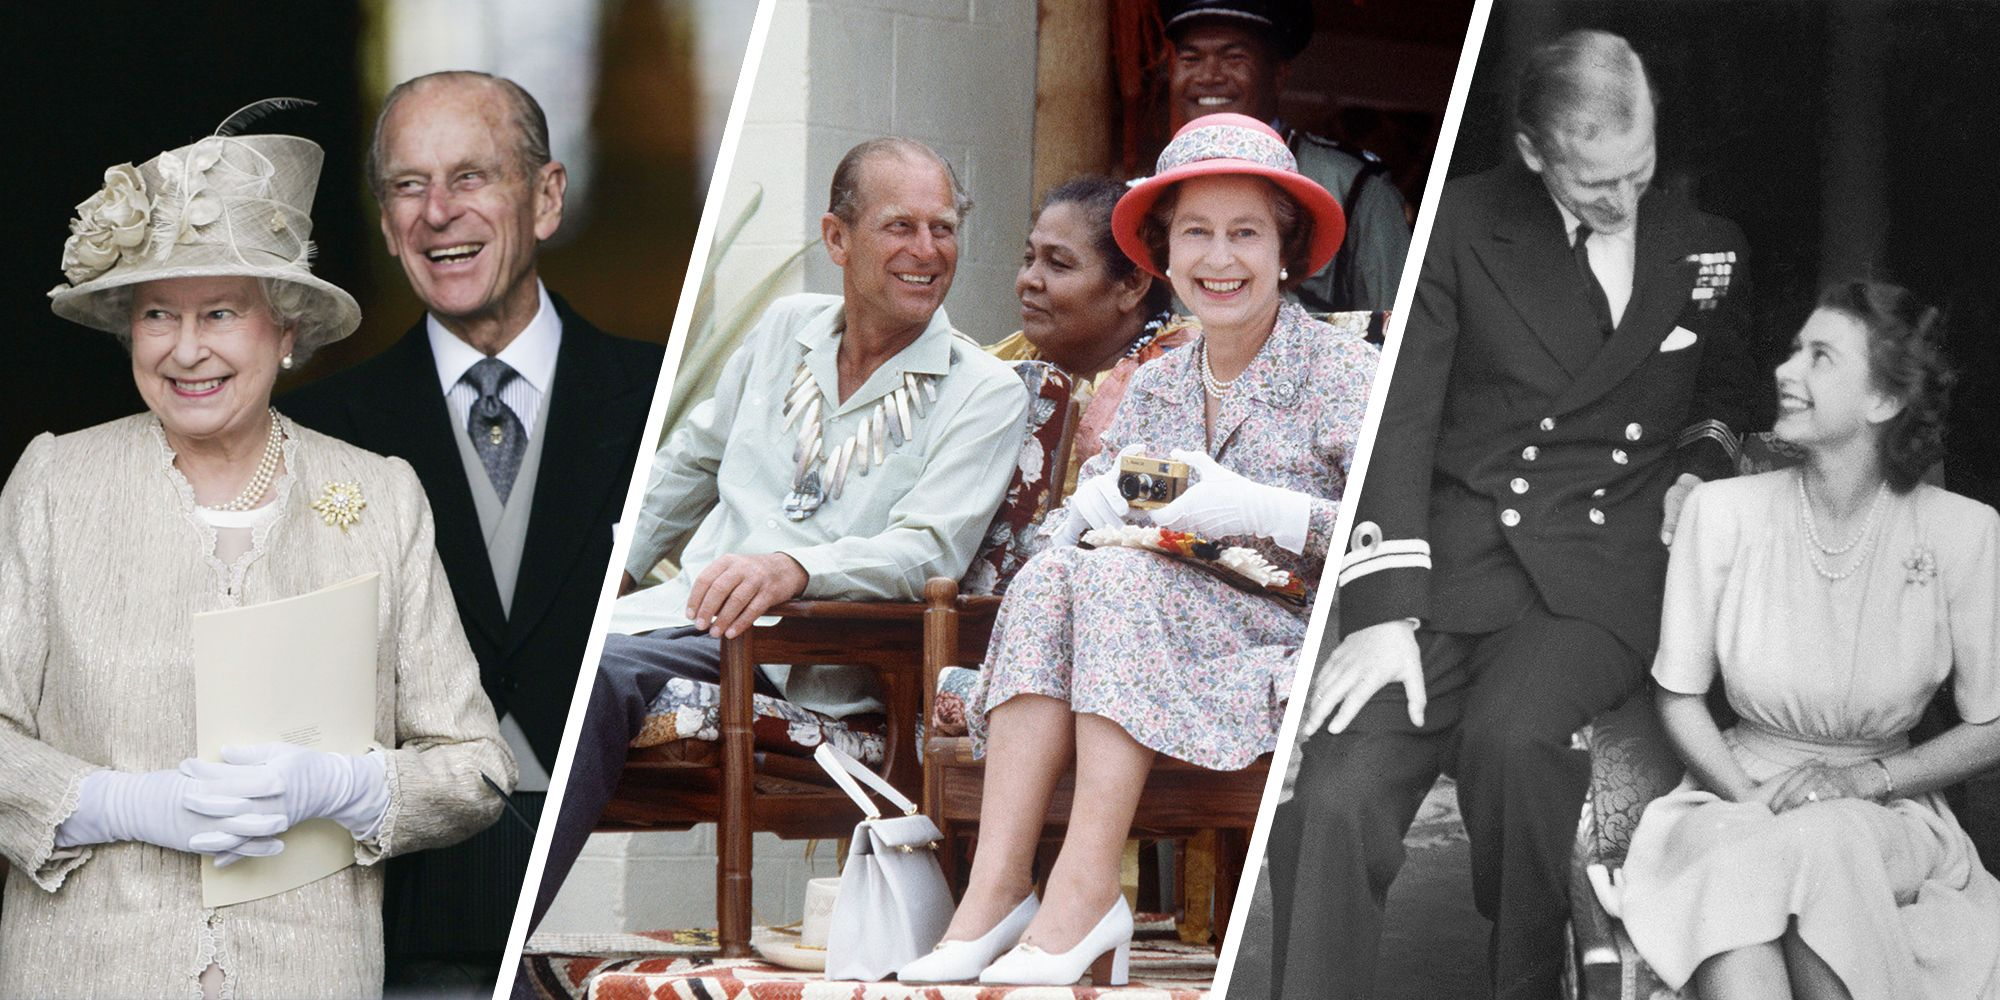 Queen Elizabeth & Prince Philip Photos Together - Queen Elizabeth & Prince Philip's Sweetest Moments